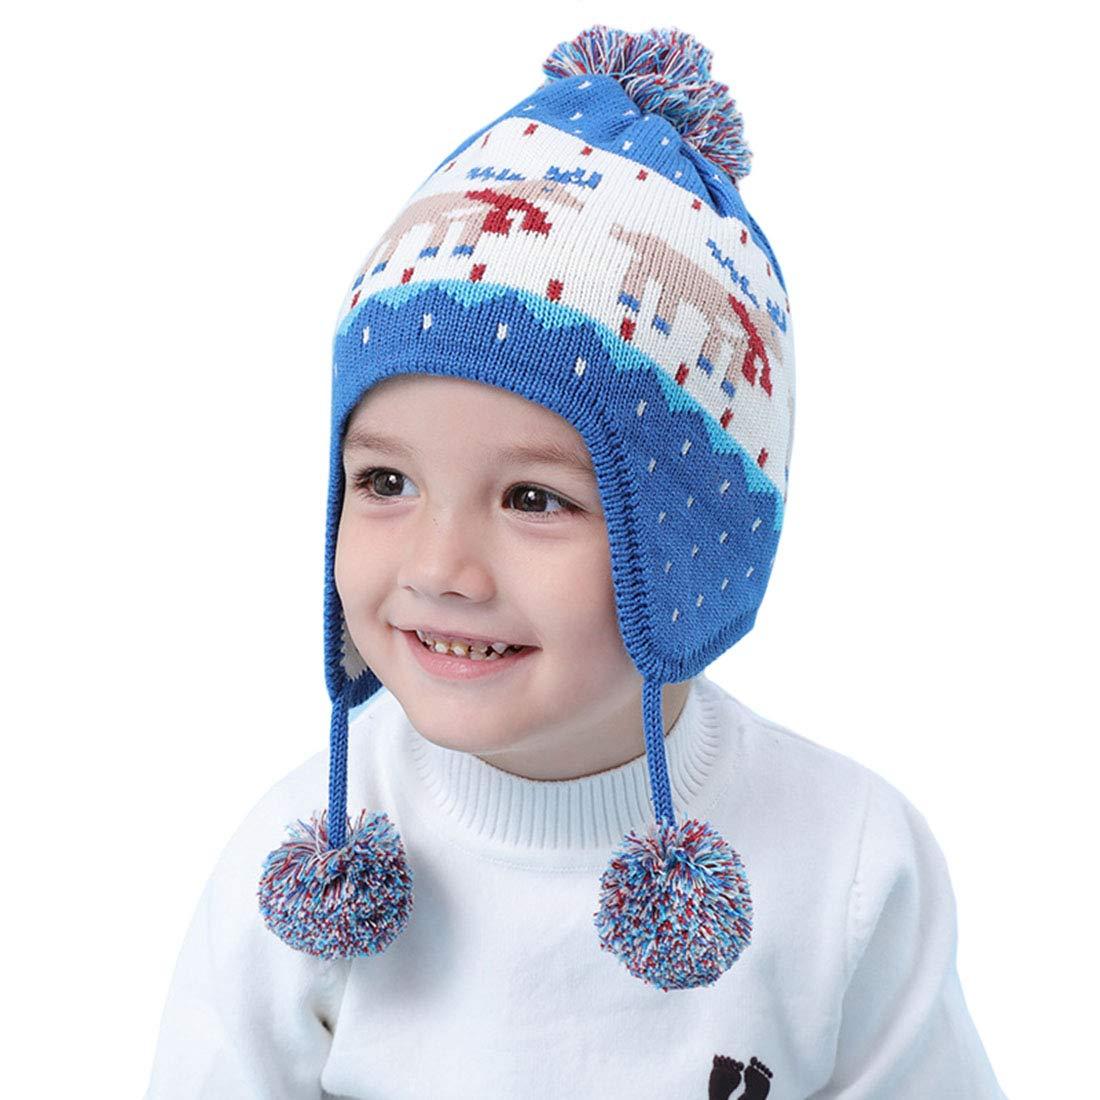 Boomly Bambino Autunno e Inverno Carino Caldo Orecchio Cappello con Paraorecchie Motivo di Jacquard Berretto in Lana a Maglia di Cotone Berretto da Sci/Snowboard per Natale